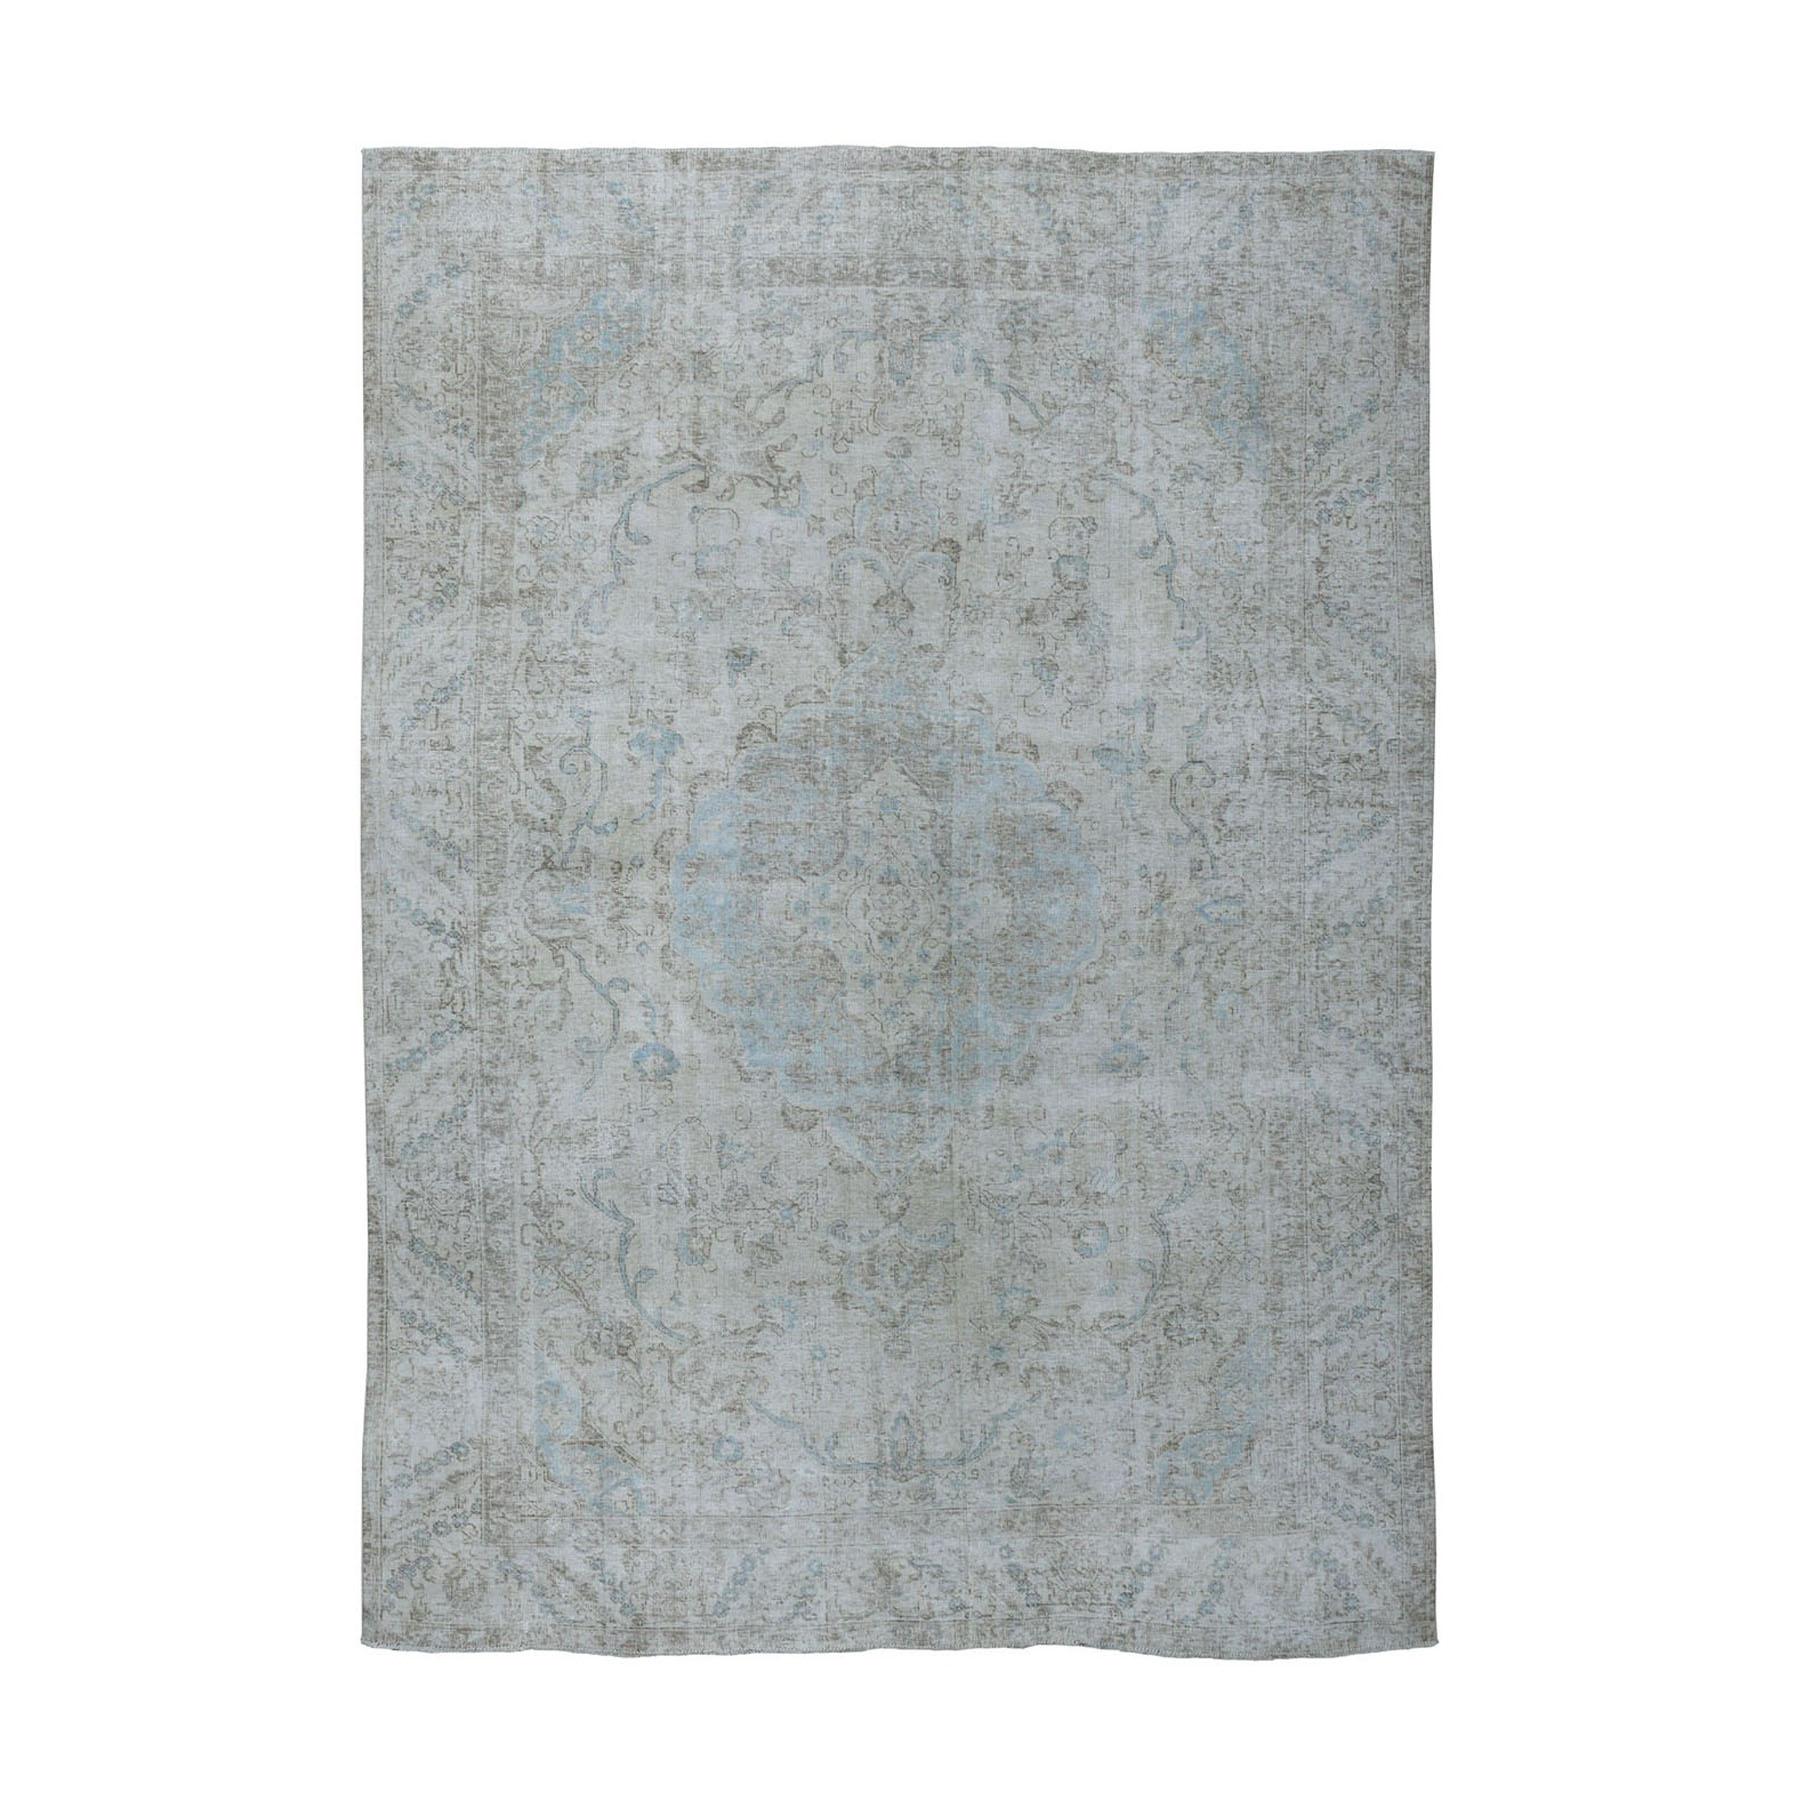 7'x10' White Wash Vintage Tabriz Worn Wool Hand-Knotted Oriental Rug